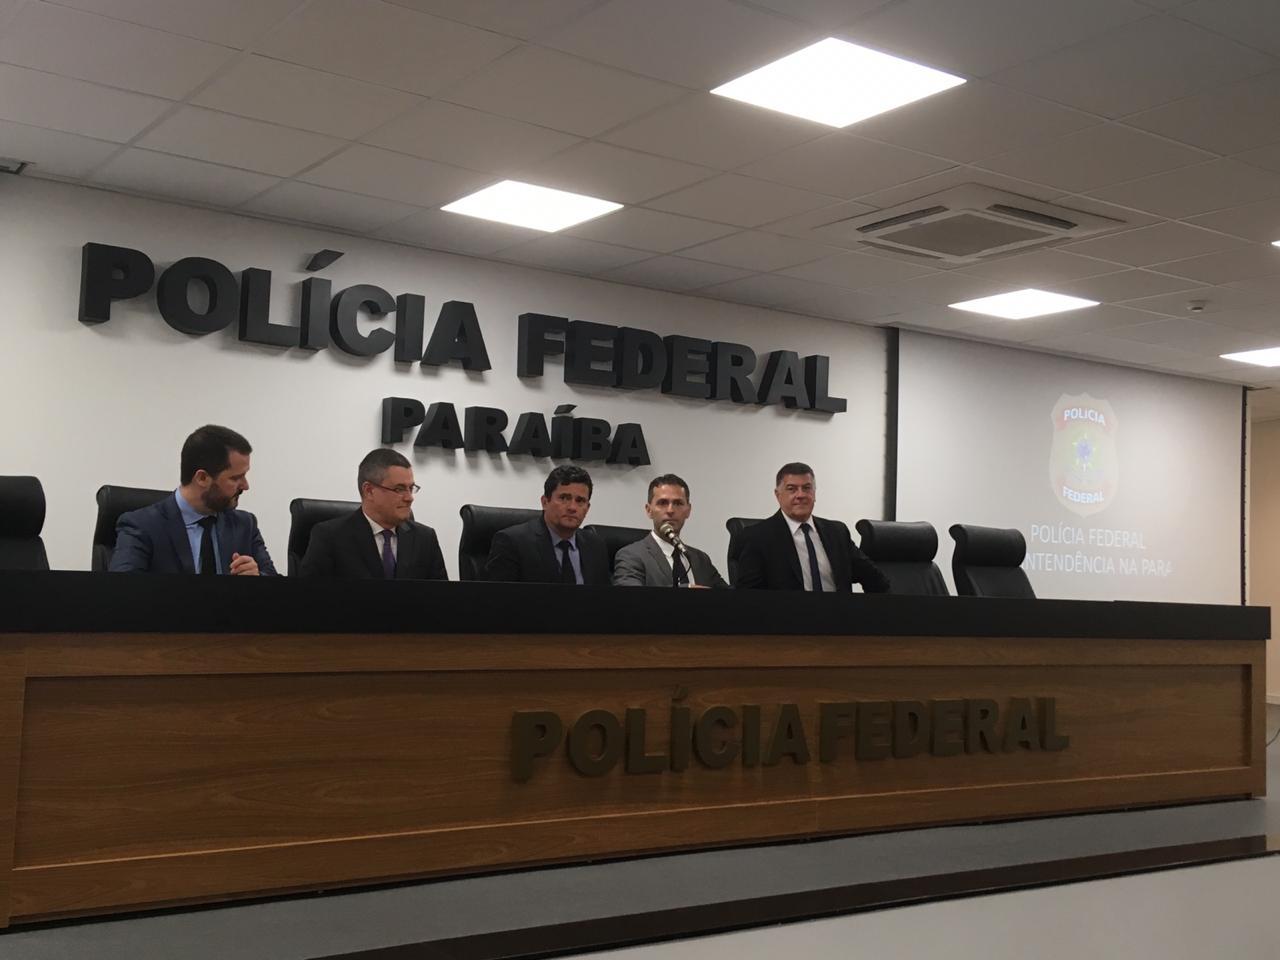 WhatsApp Image 2020 02 17 at 12.34.58 - Sérgio Moro reforça mensagem de combate a corrupção na PB e reconhece trabalho de estados na redução da violência - por Felipe Nunes